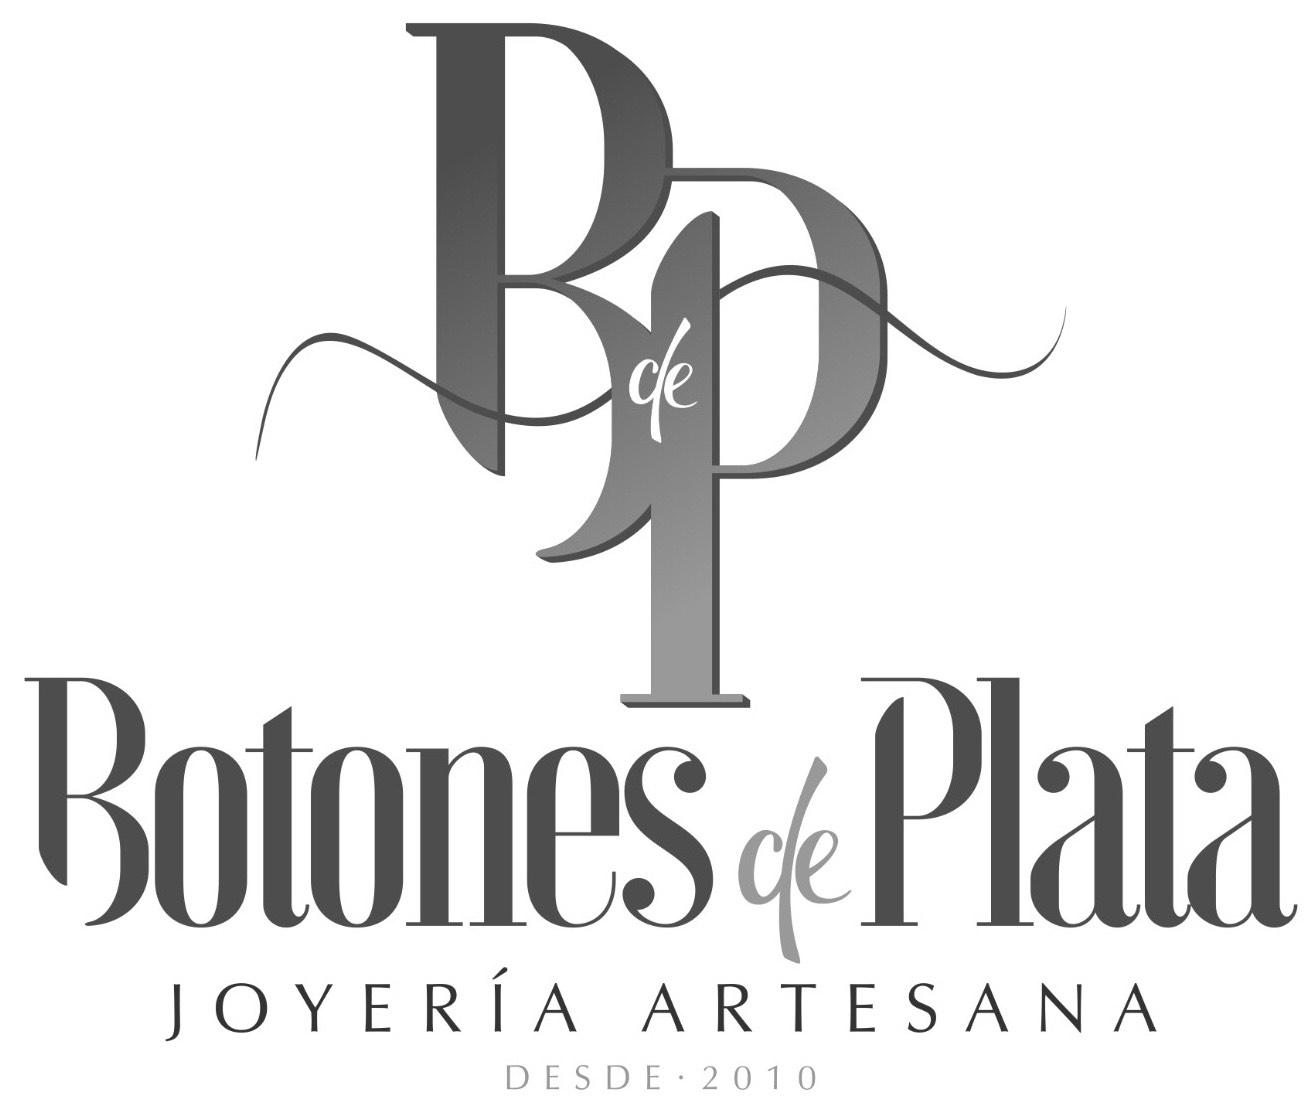 BOTONES DE PLATA